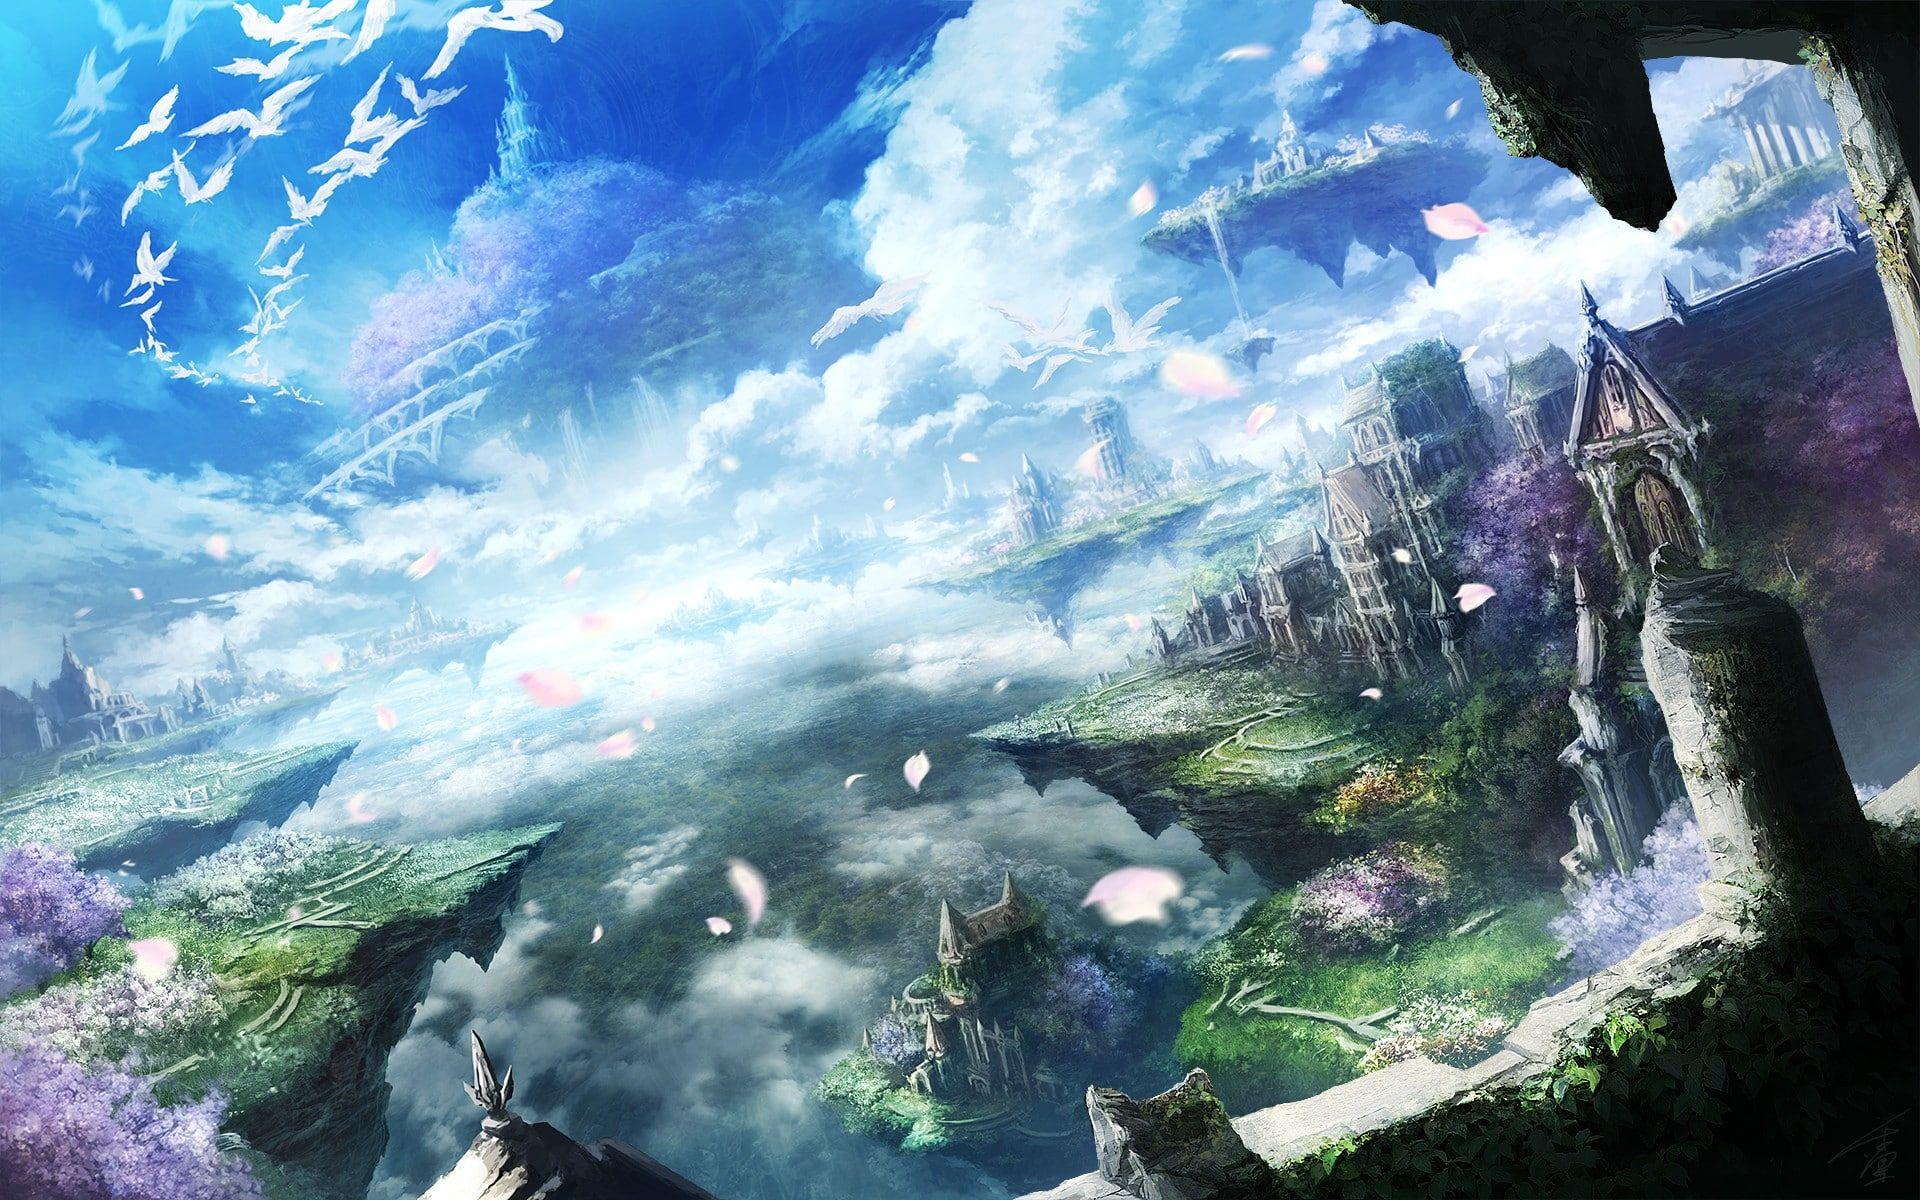 Fantasy World Background Anime Background Anime Scenery Visual Novel Scenery Visual Novel Background Fantasy City Fantasy Castle Anime Scenery